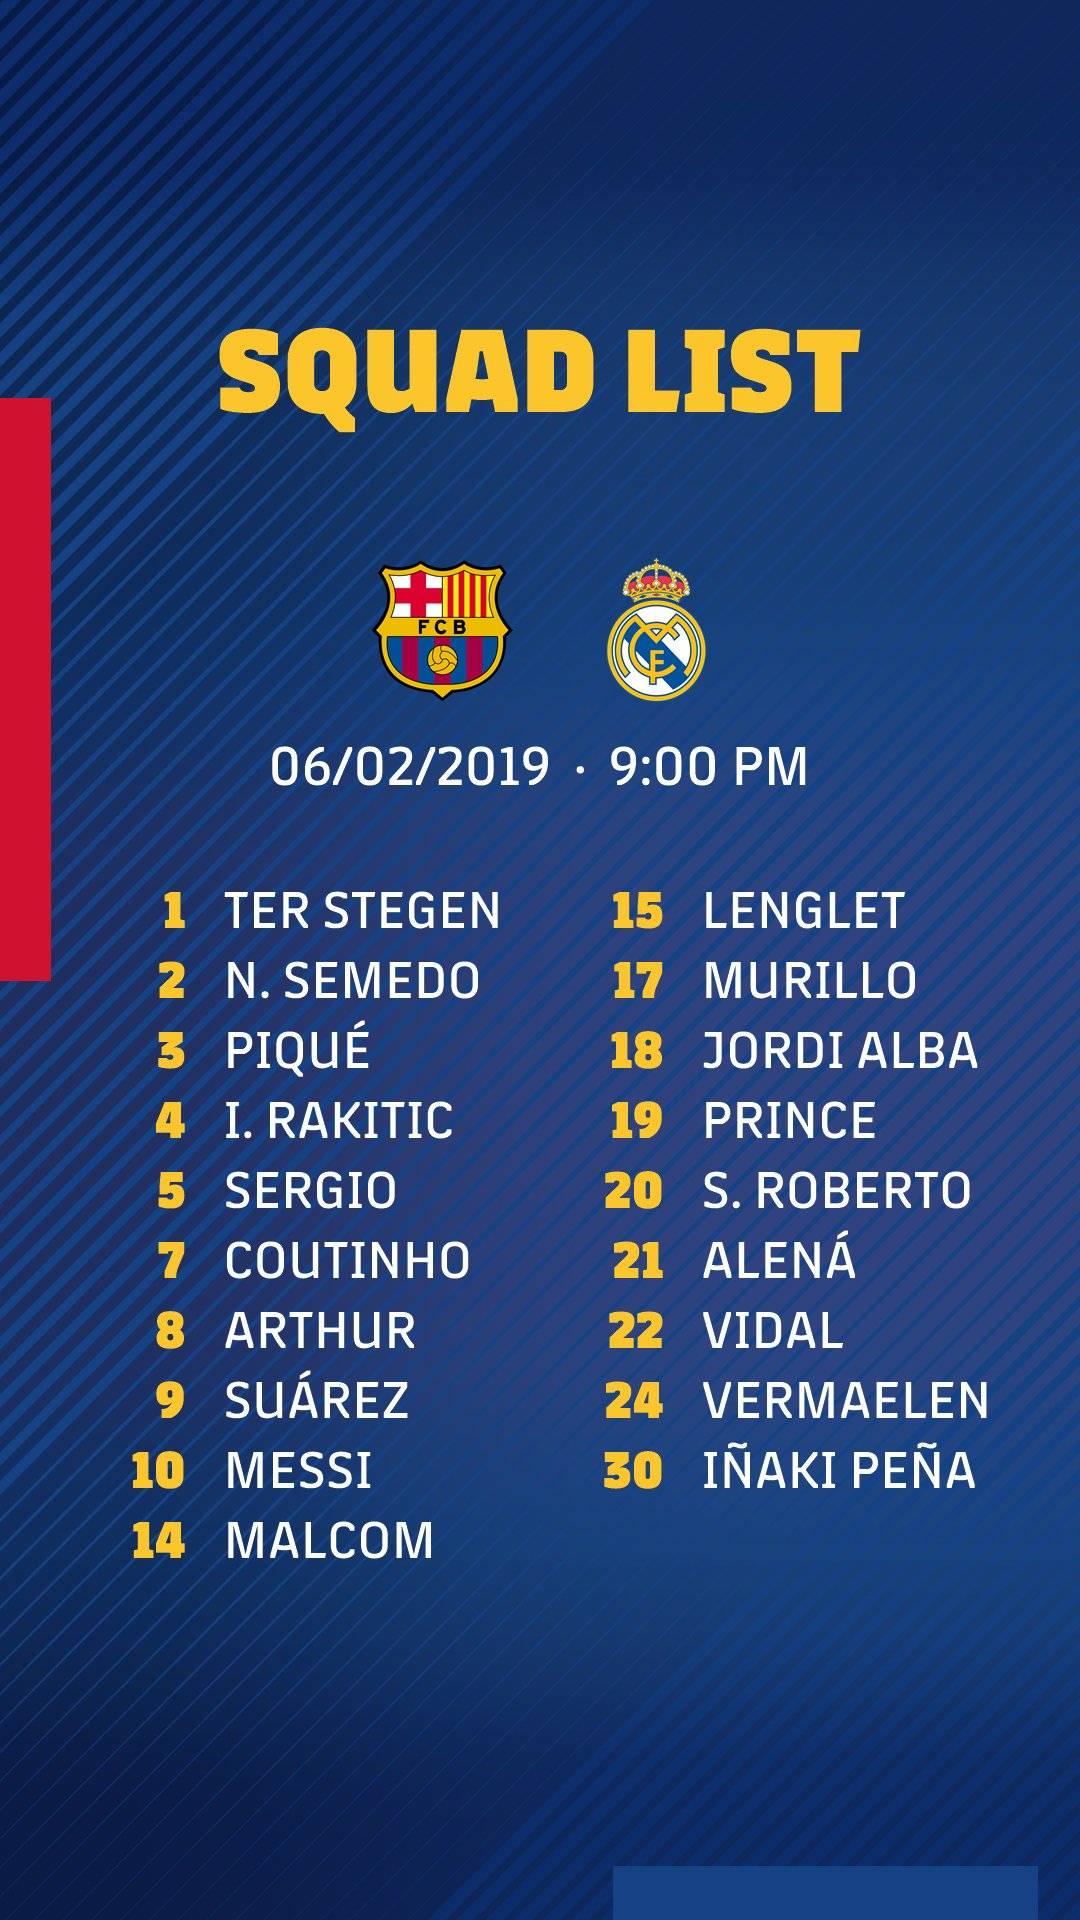 Selectie FC Barcelona vs Real Madrid